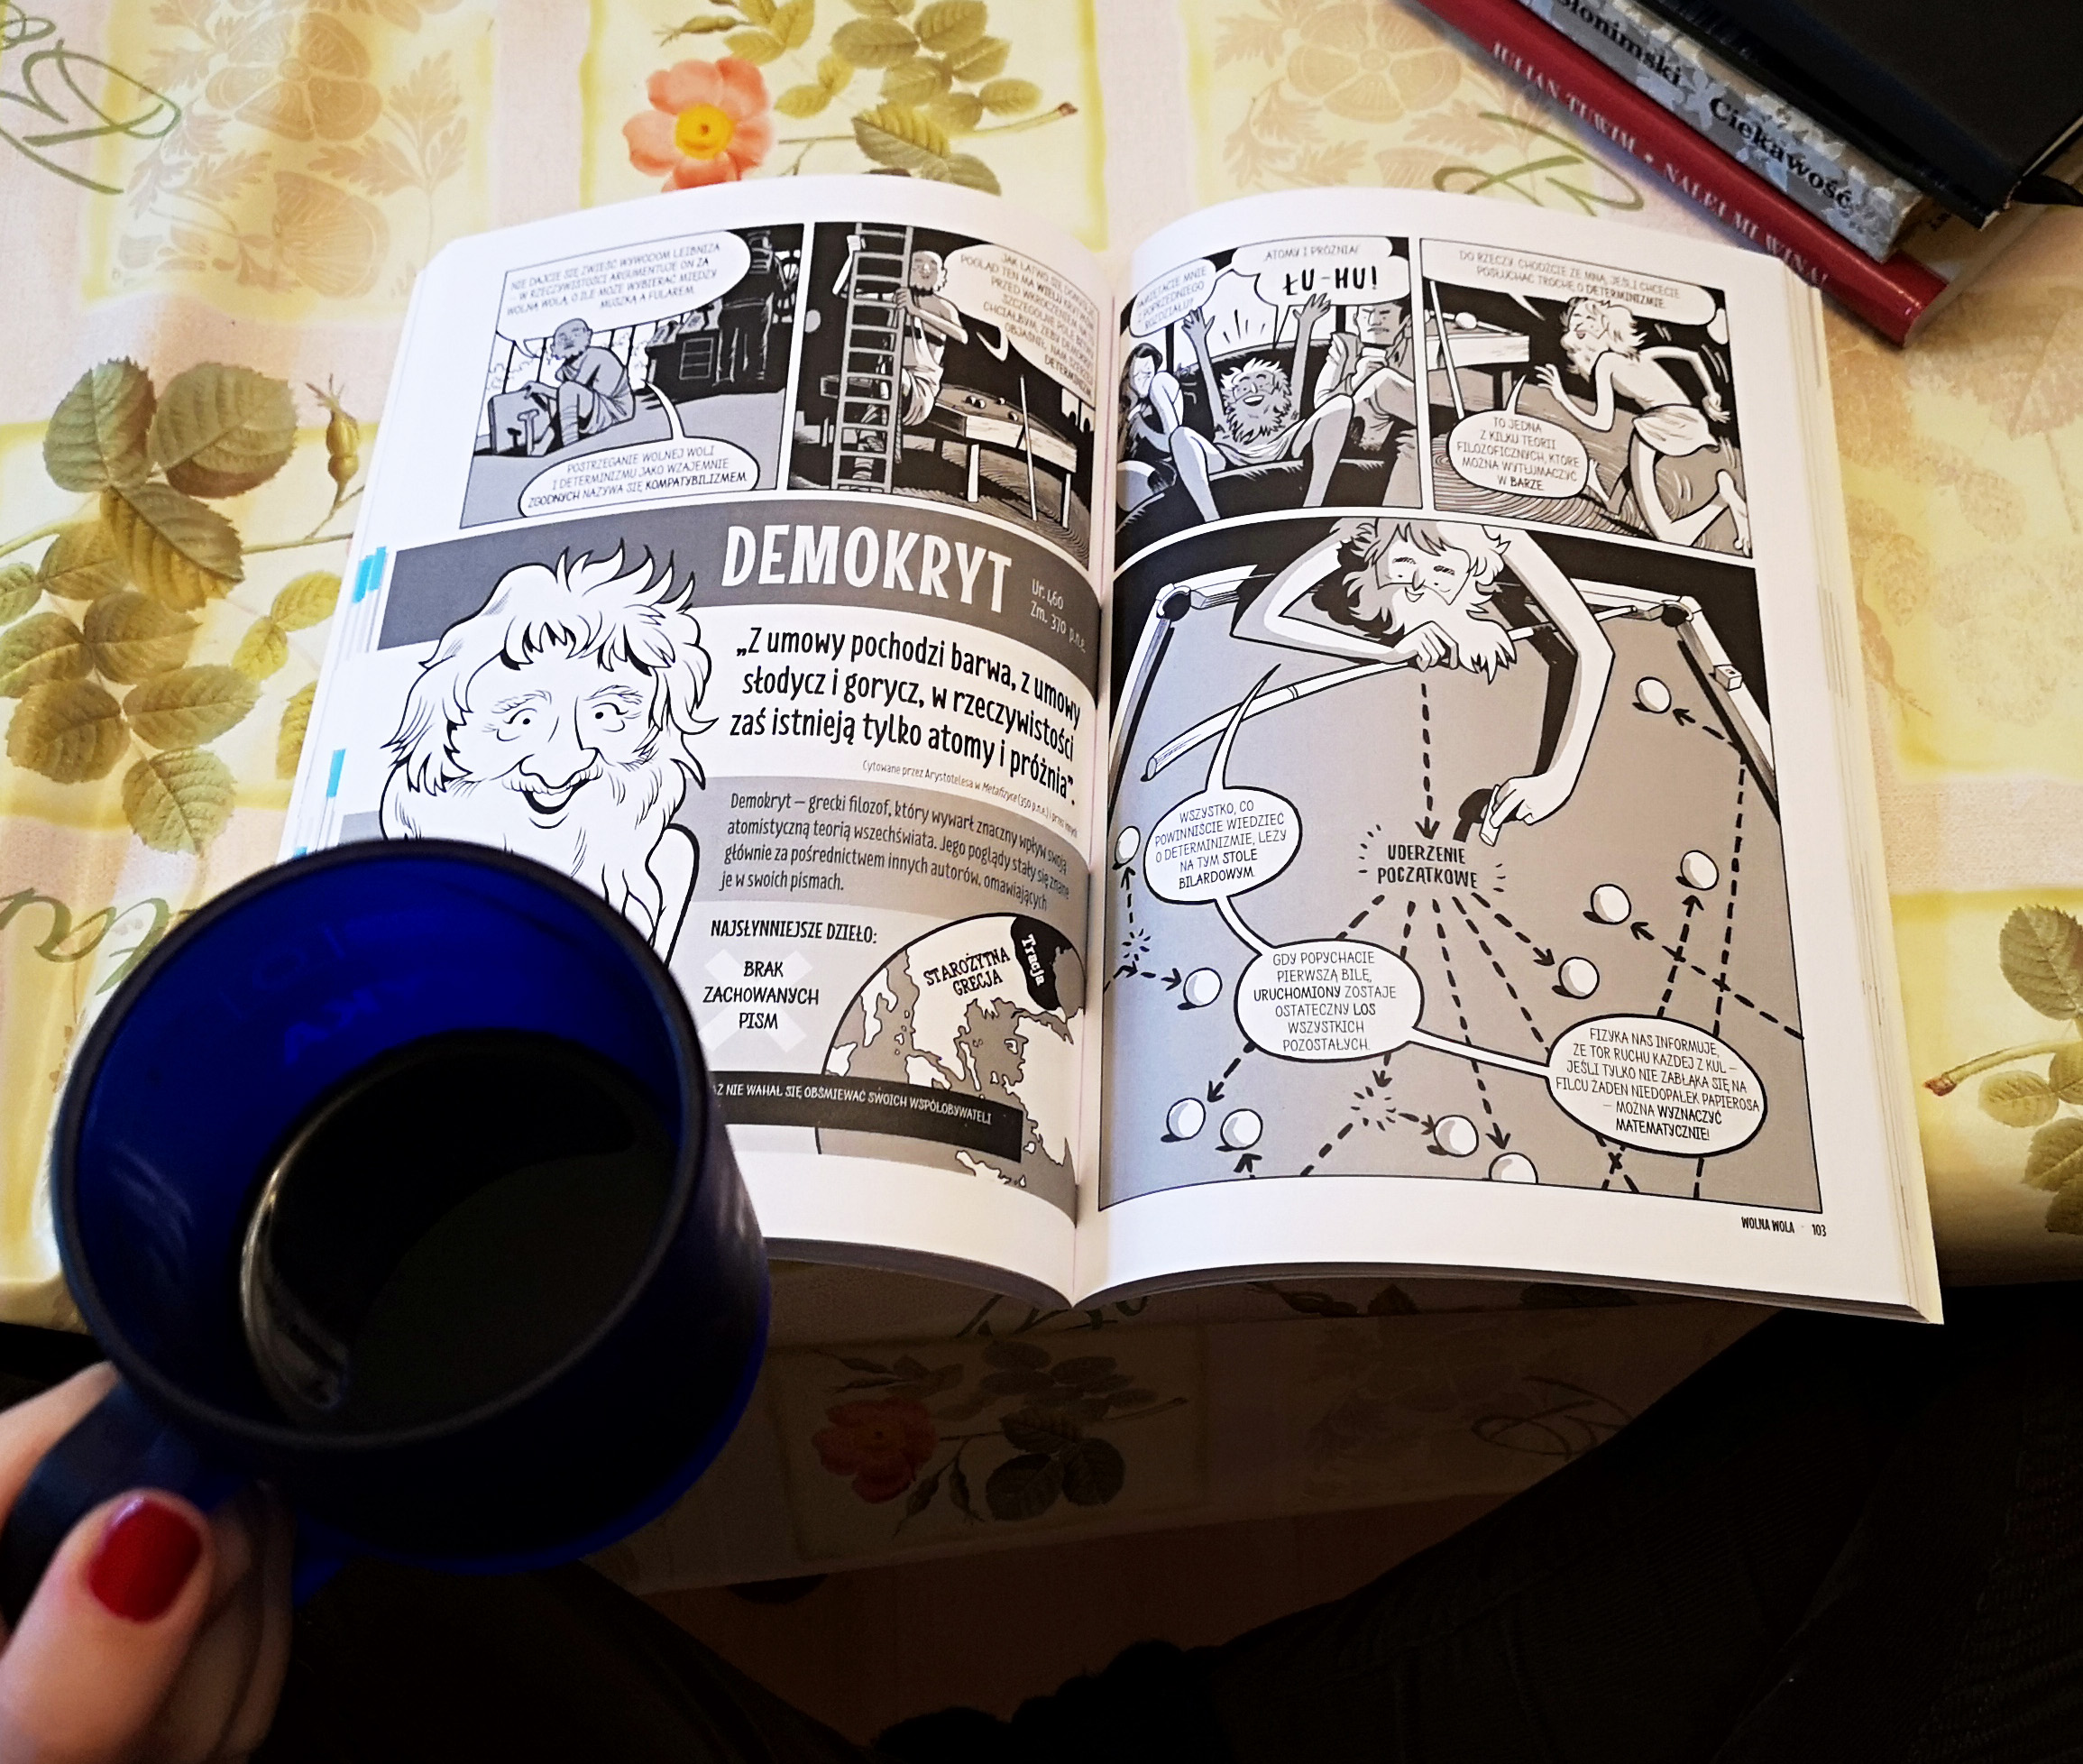 Komiksowe wprowadzenie do filozofii